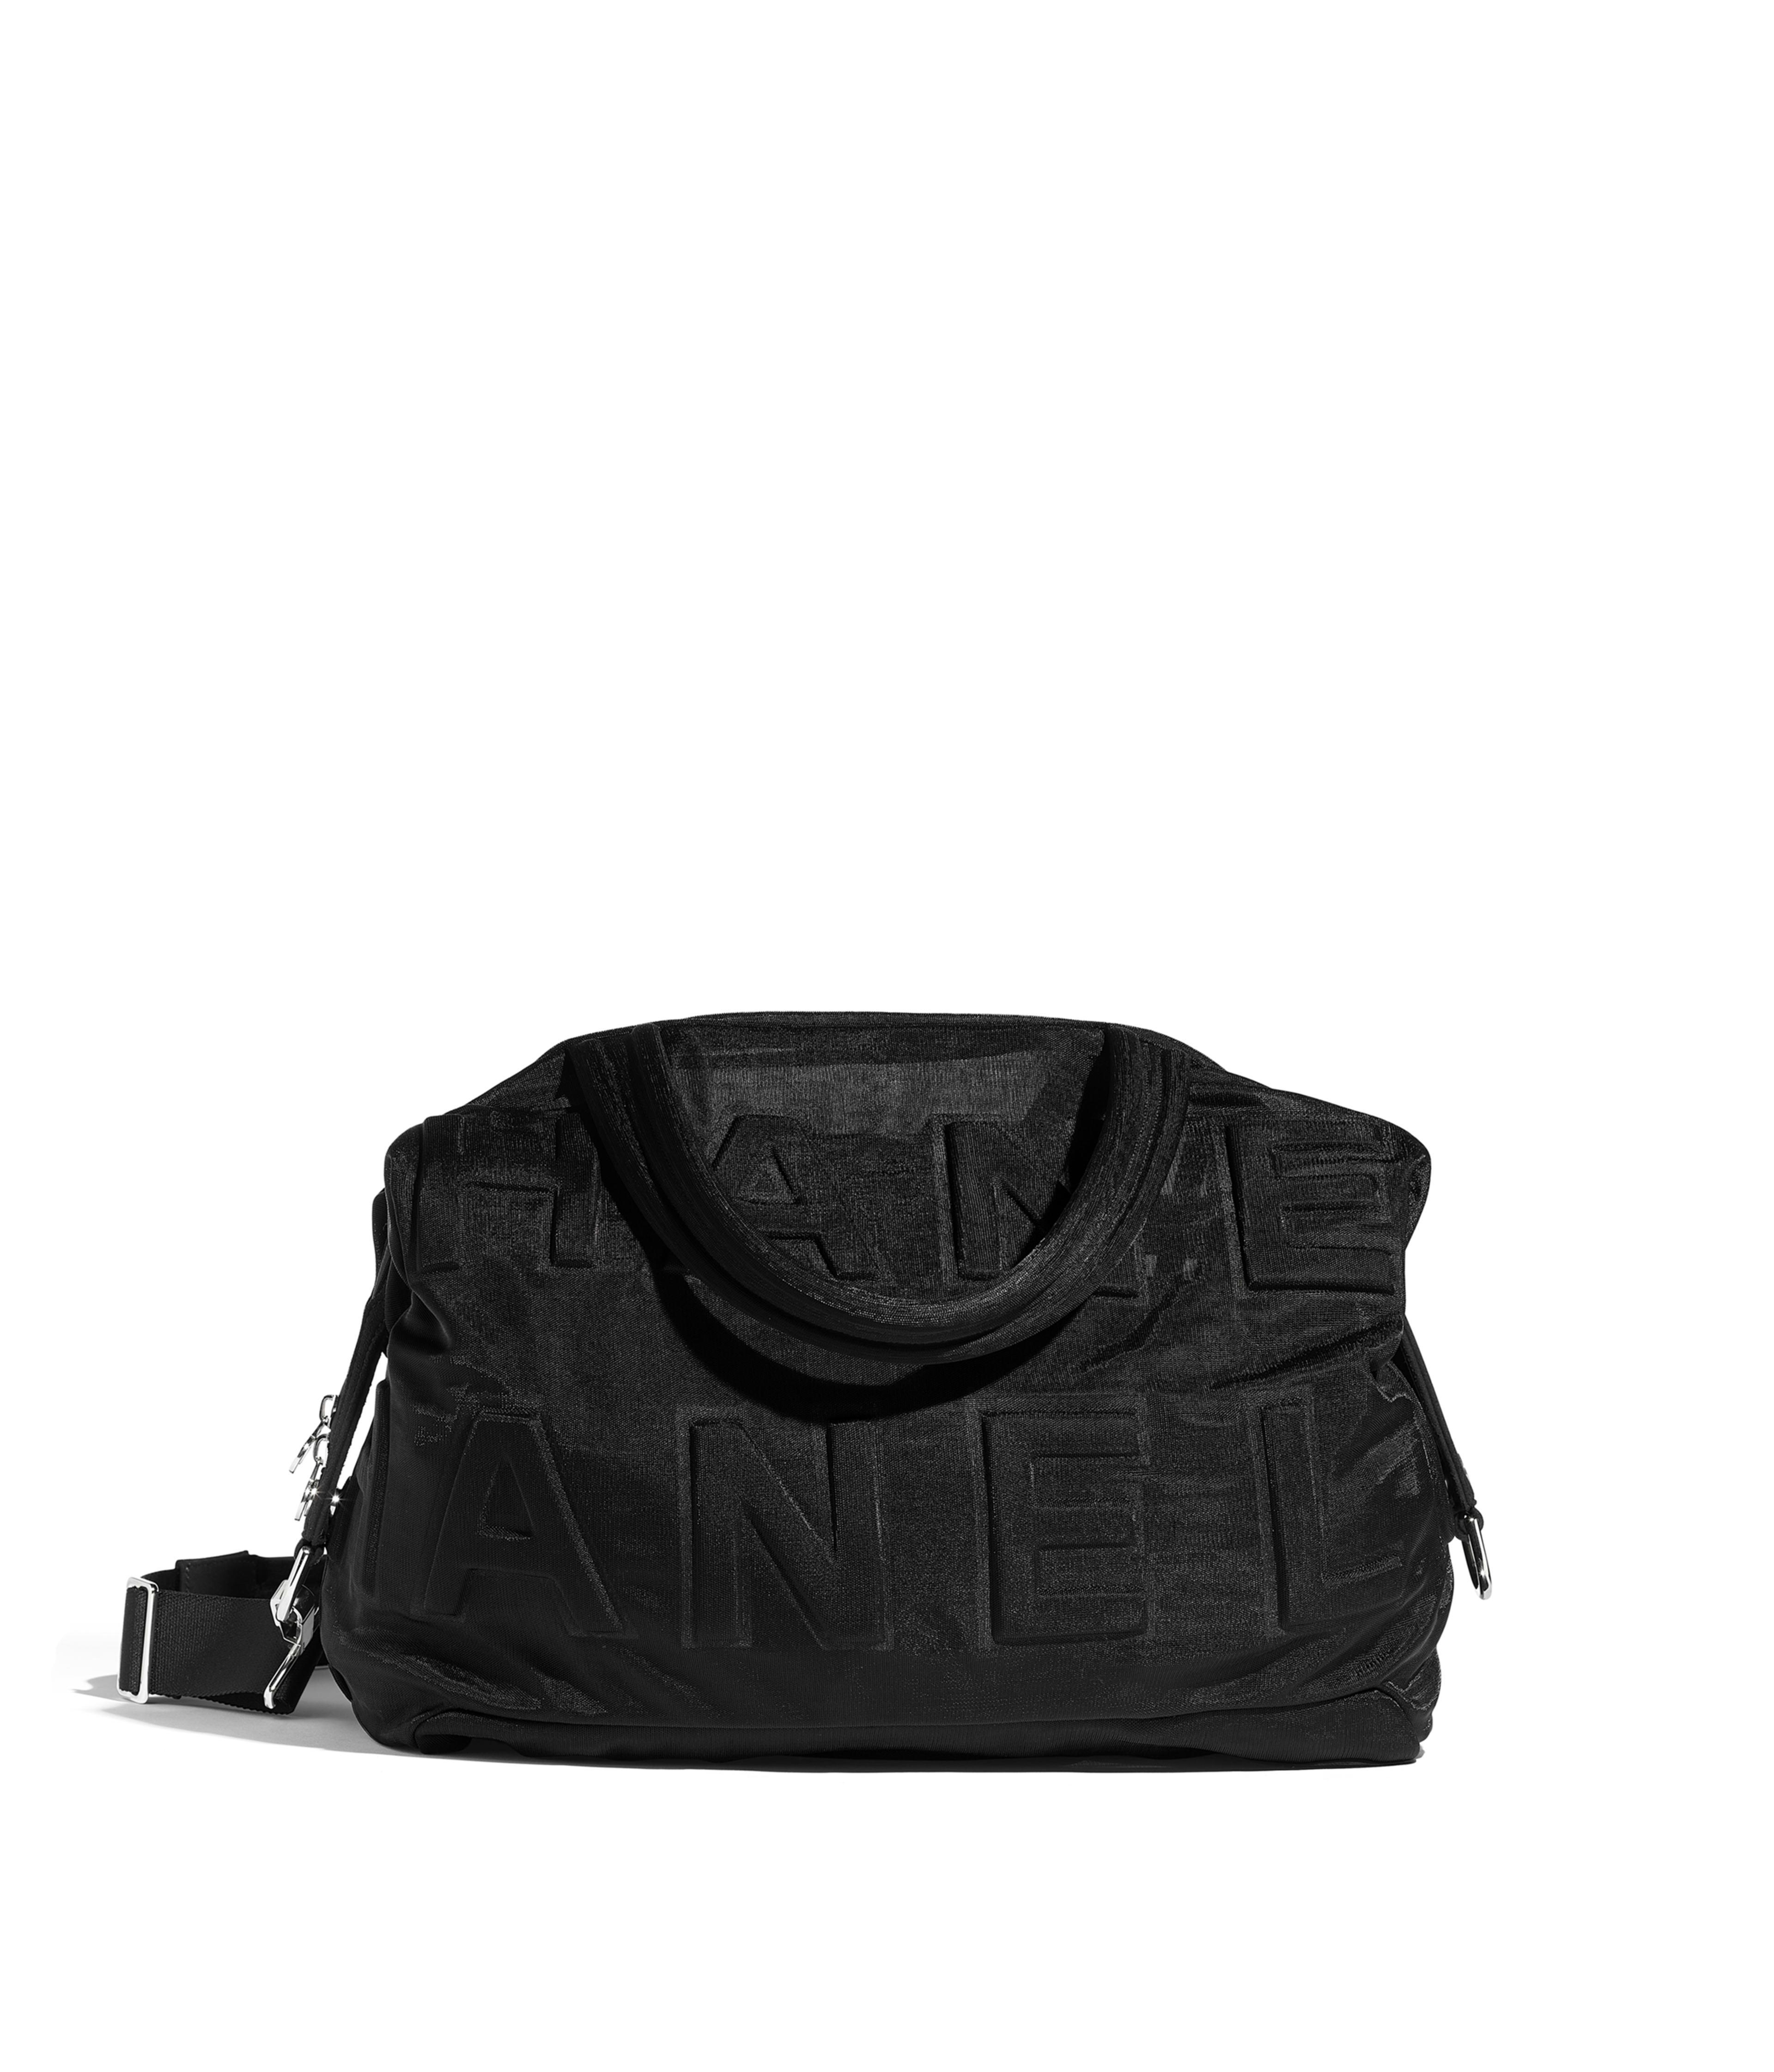 970dc3d459ce Bowling Bag Nylon & Silver-Tone Metal, Black Ref. AS0423B0016594305